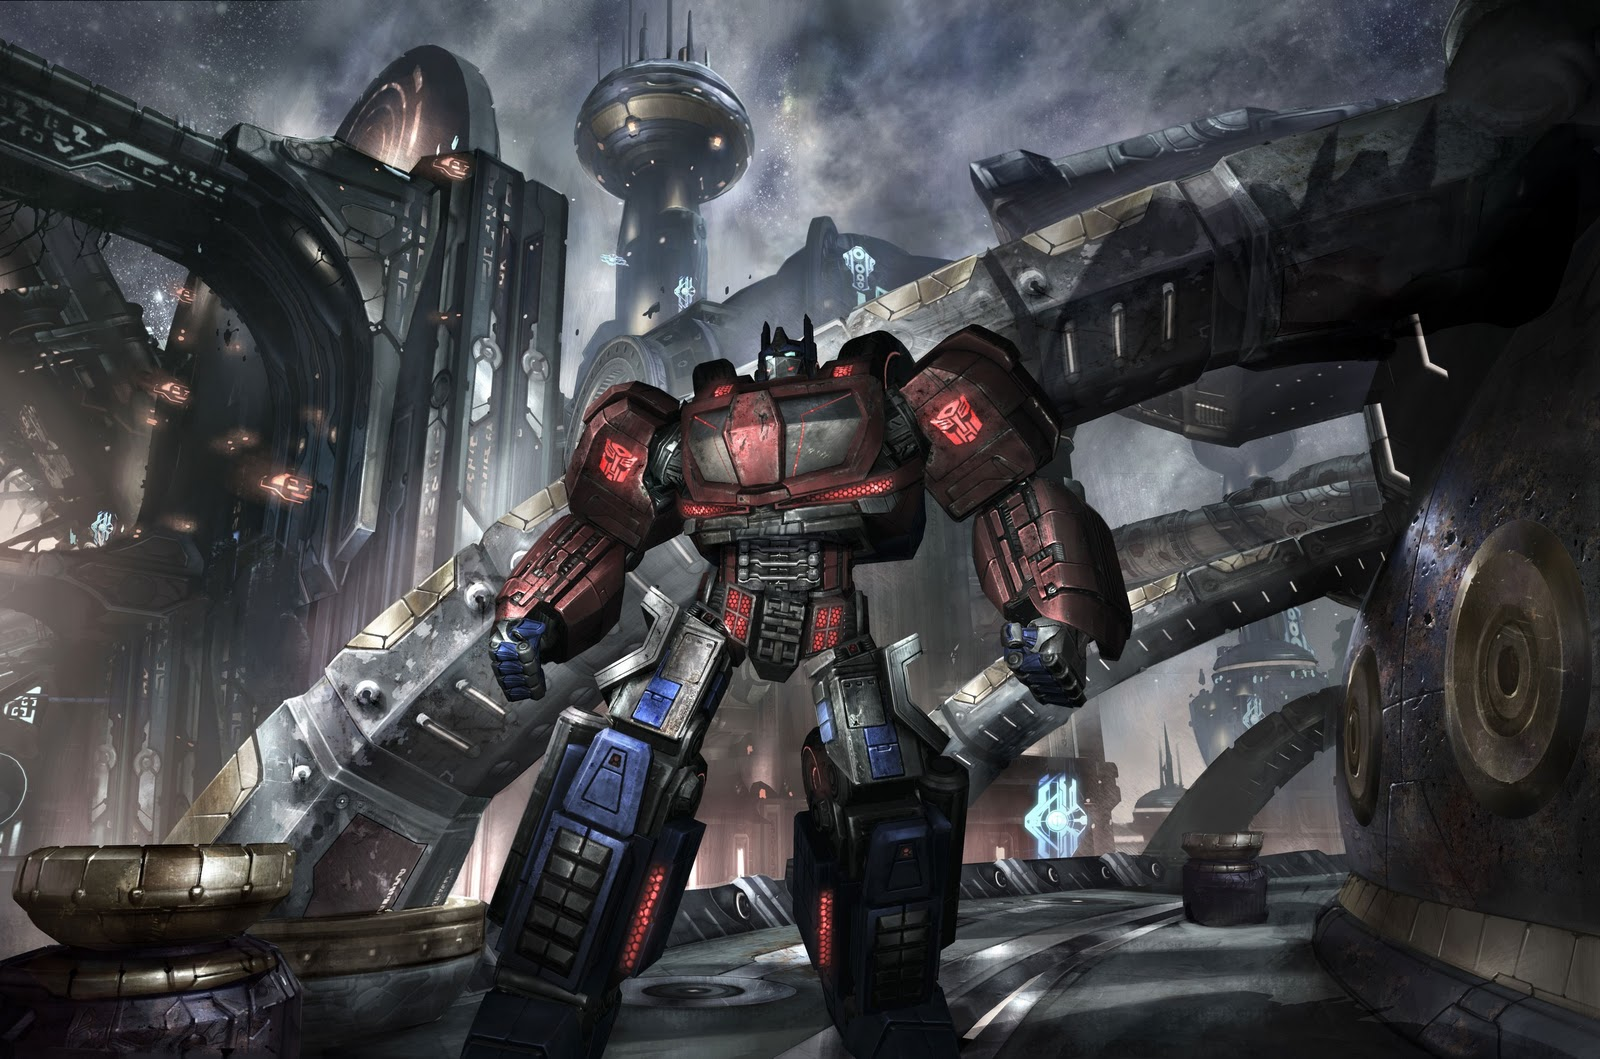 http://4.bp.blogspot.com/-E9zfz53icP8/TsKKayjcrOI/AAAAAAAABng/ztPYdNW6sqc/s1600/transformers-war-for-cybertron-optimus-prime.jpg